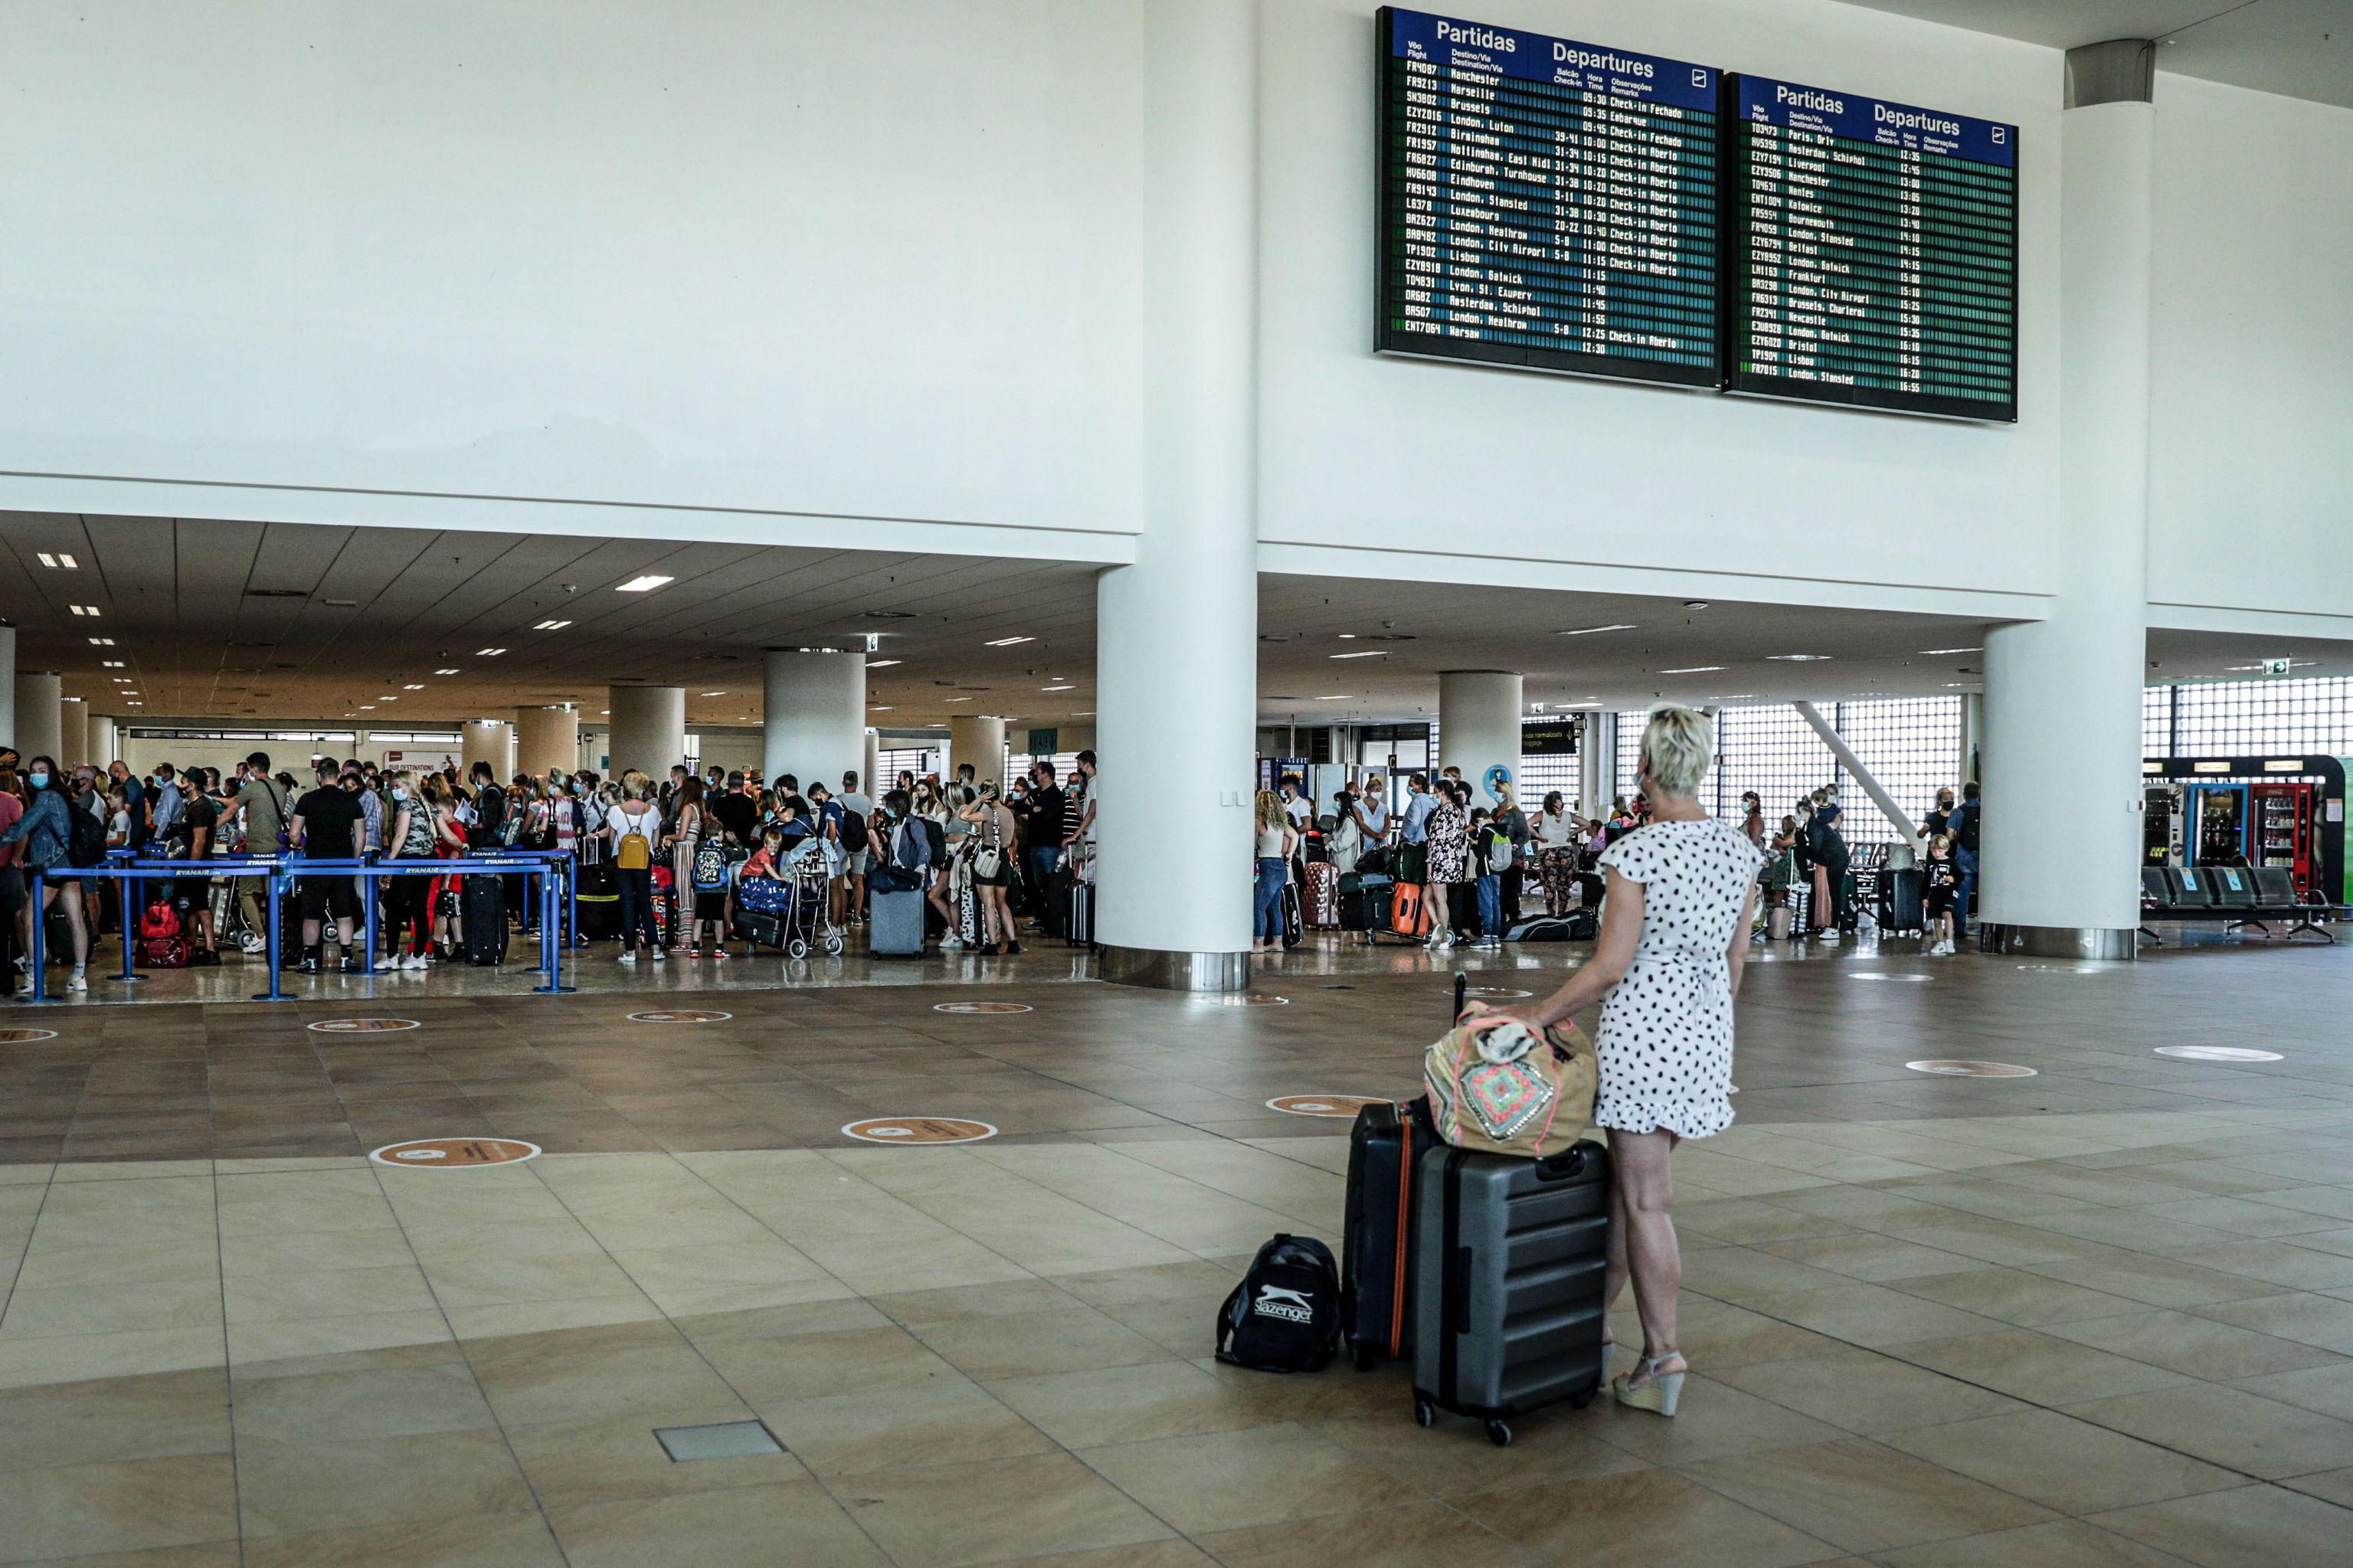 Británicos abarrotando el aeropuerto de Faro